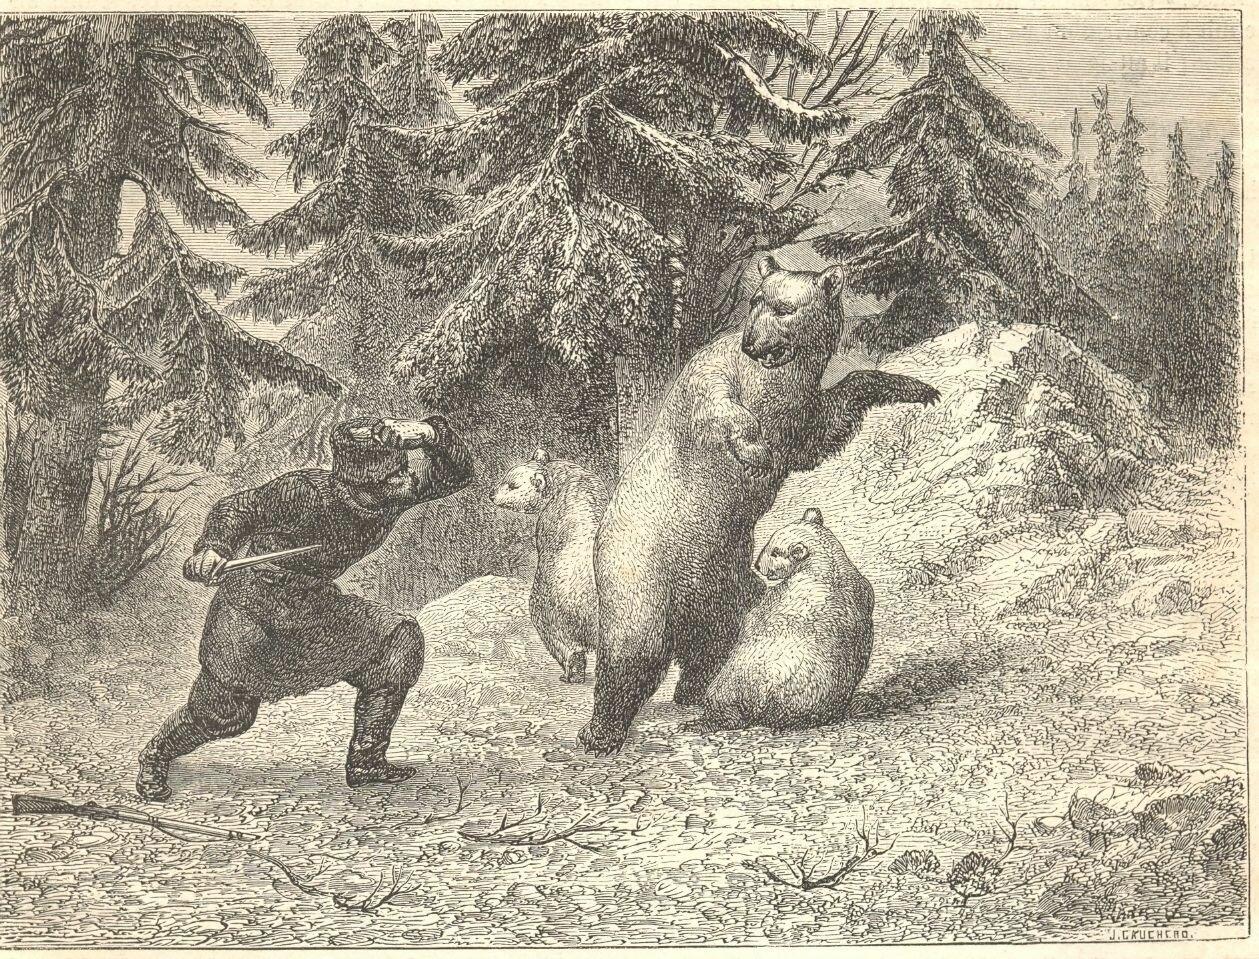 1862. Схватка охотника с медведями